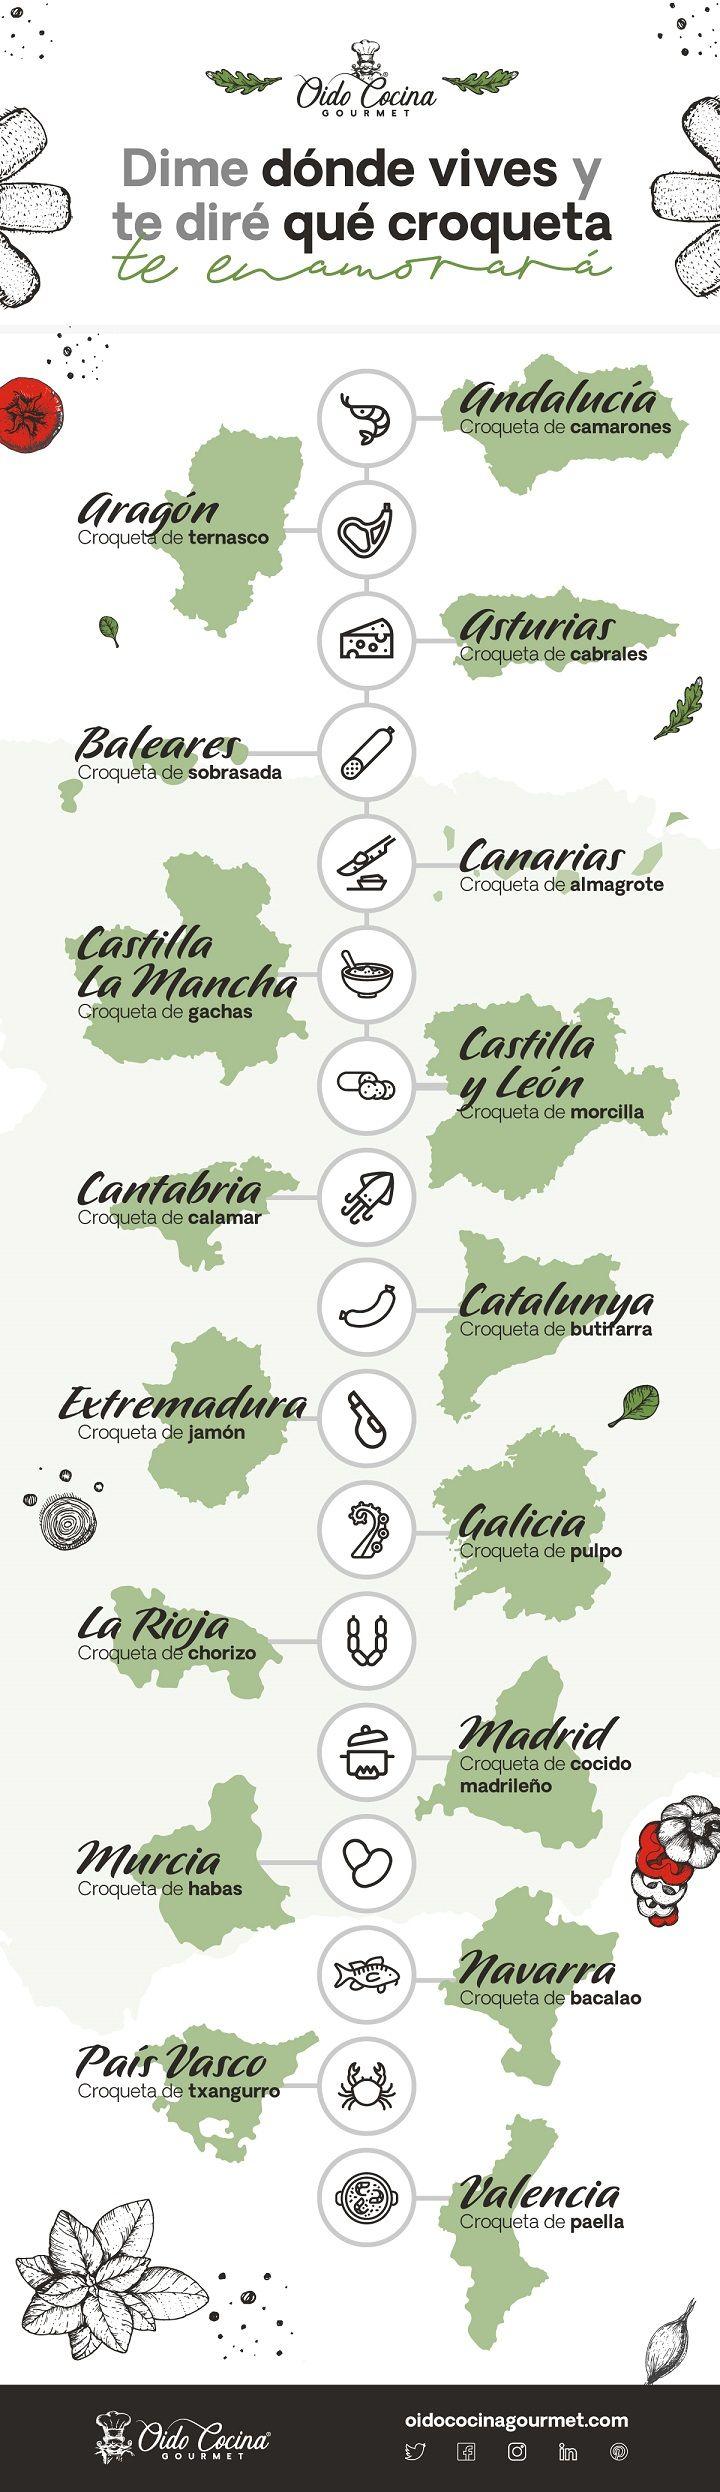 Foto de Oido Cocina Gourmet y su viaje gastronómico por las CCAA